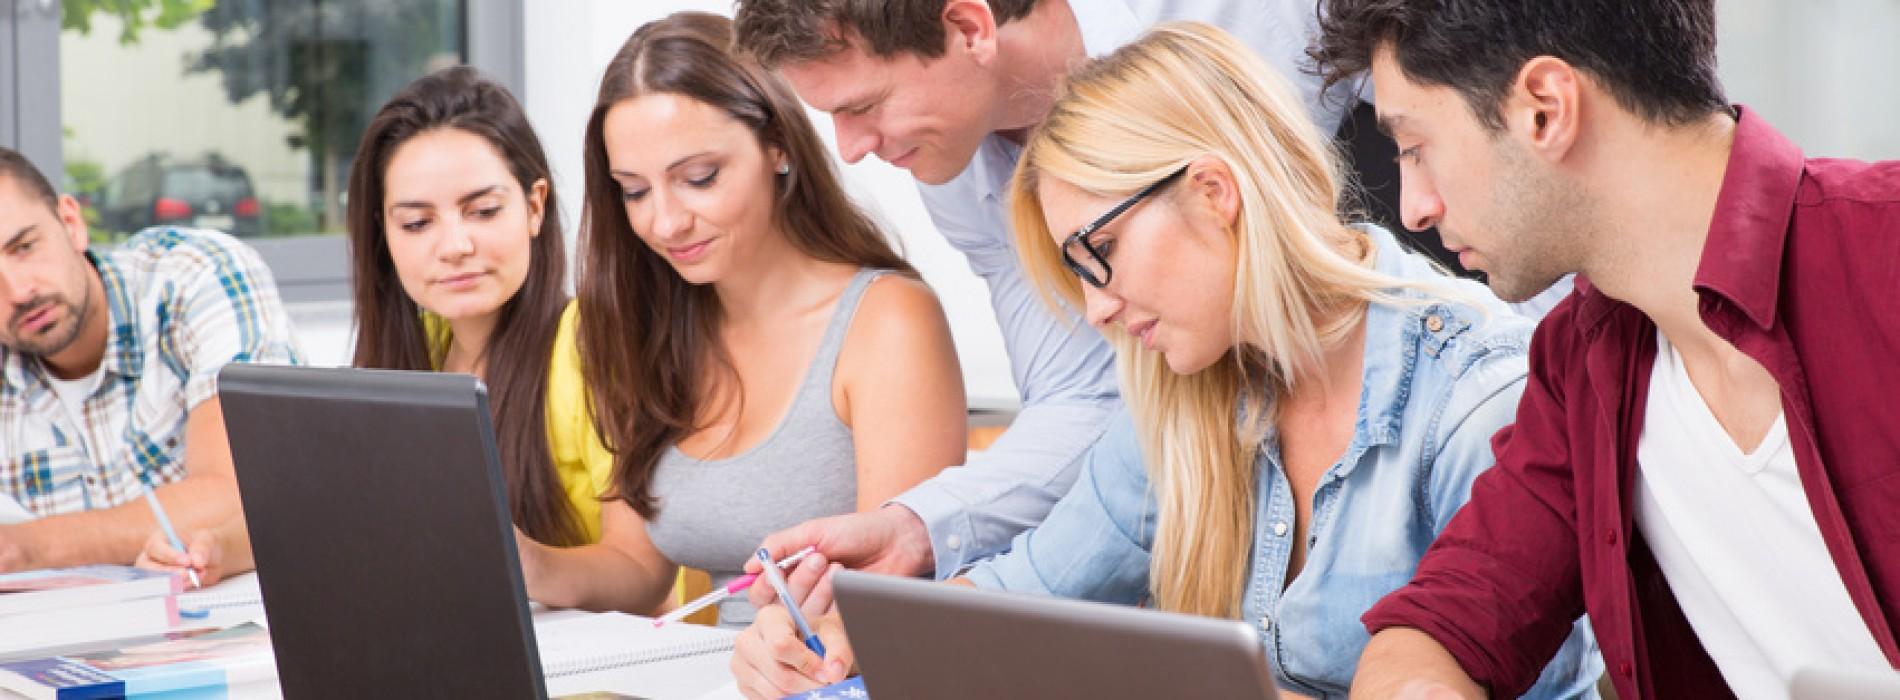 Sklepy internetowe – to wciąż eldorado dla młodych przedsiębiorców